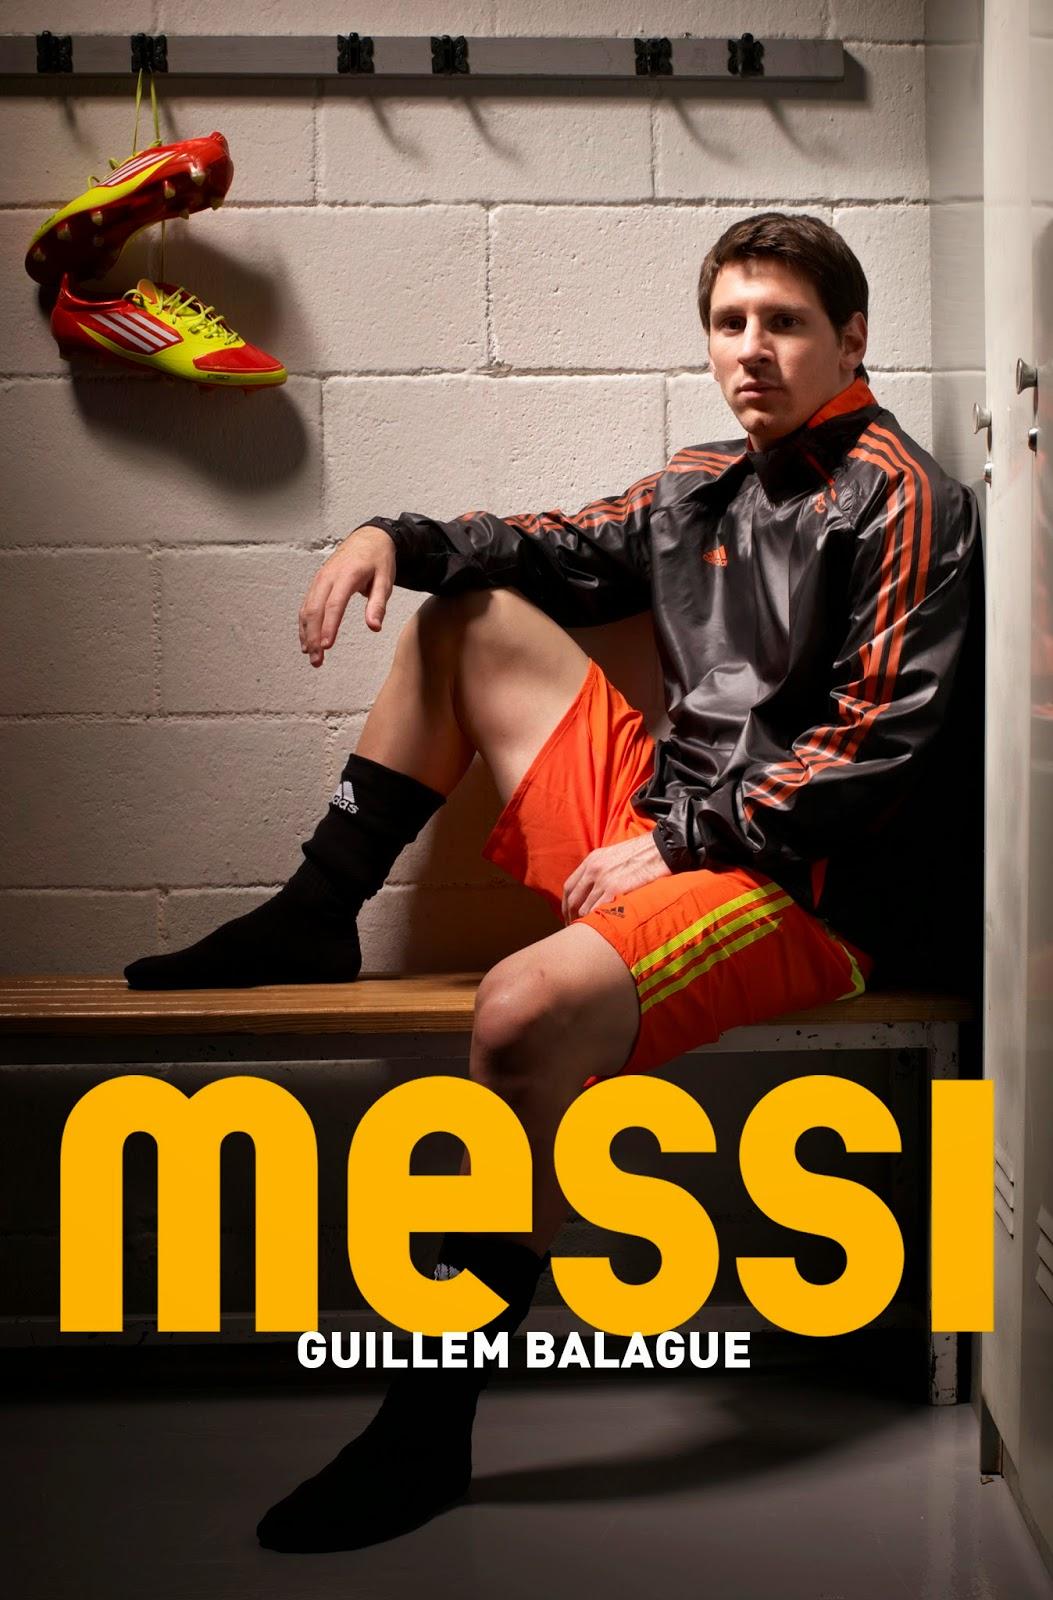 """메시에 관한 다큐멘터리, """"MESSI"""" 입니다."""